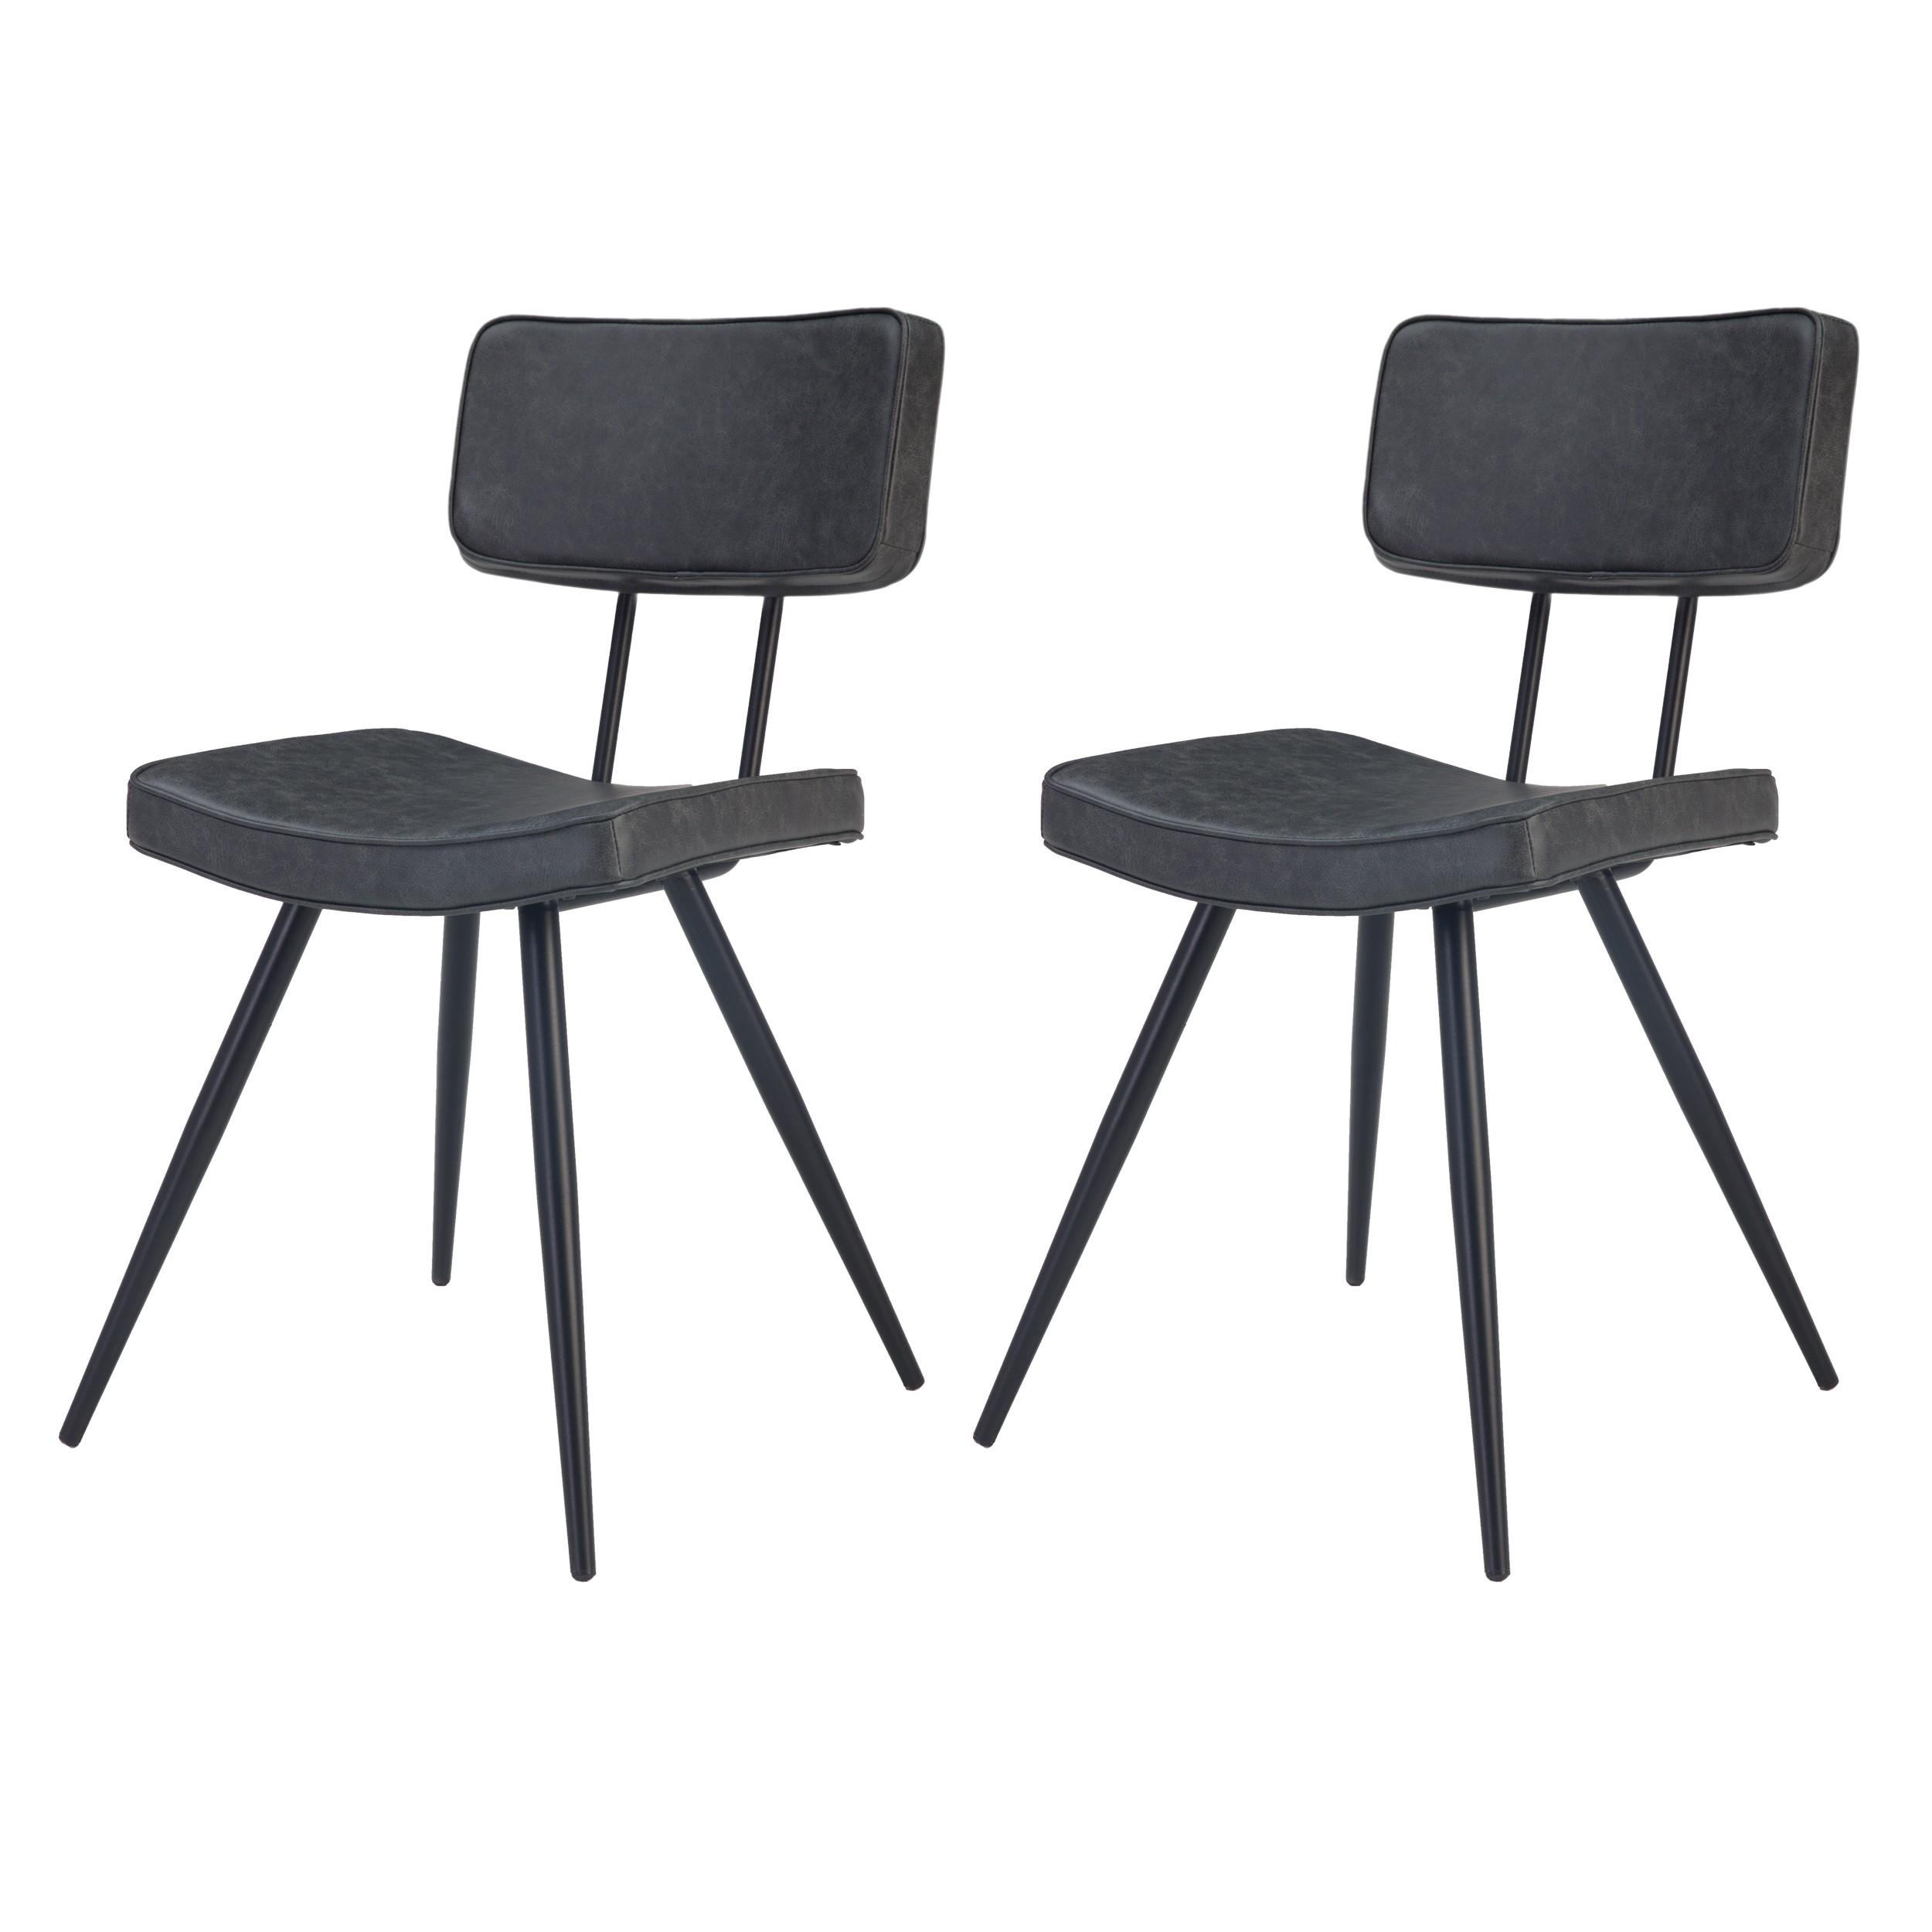 acheter chaise lot de 2 cuir synthetique